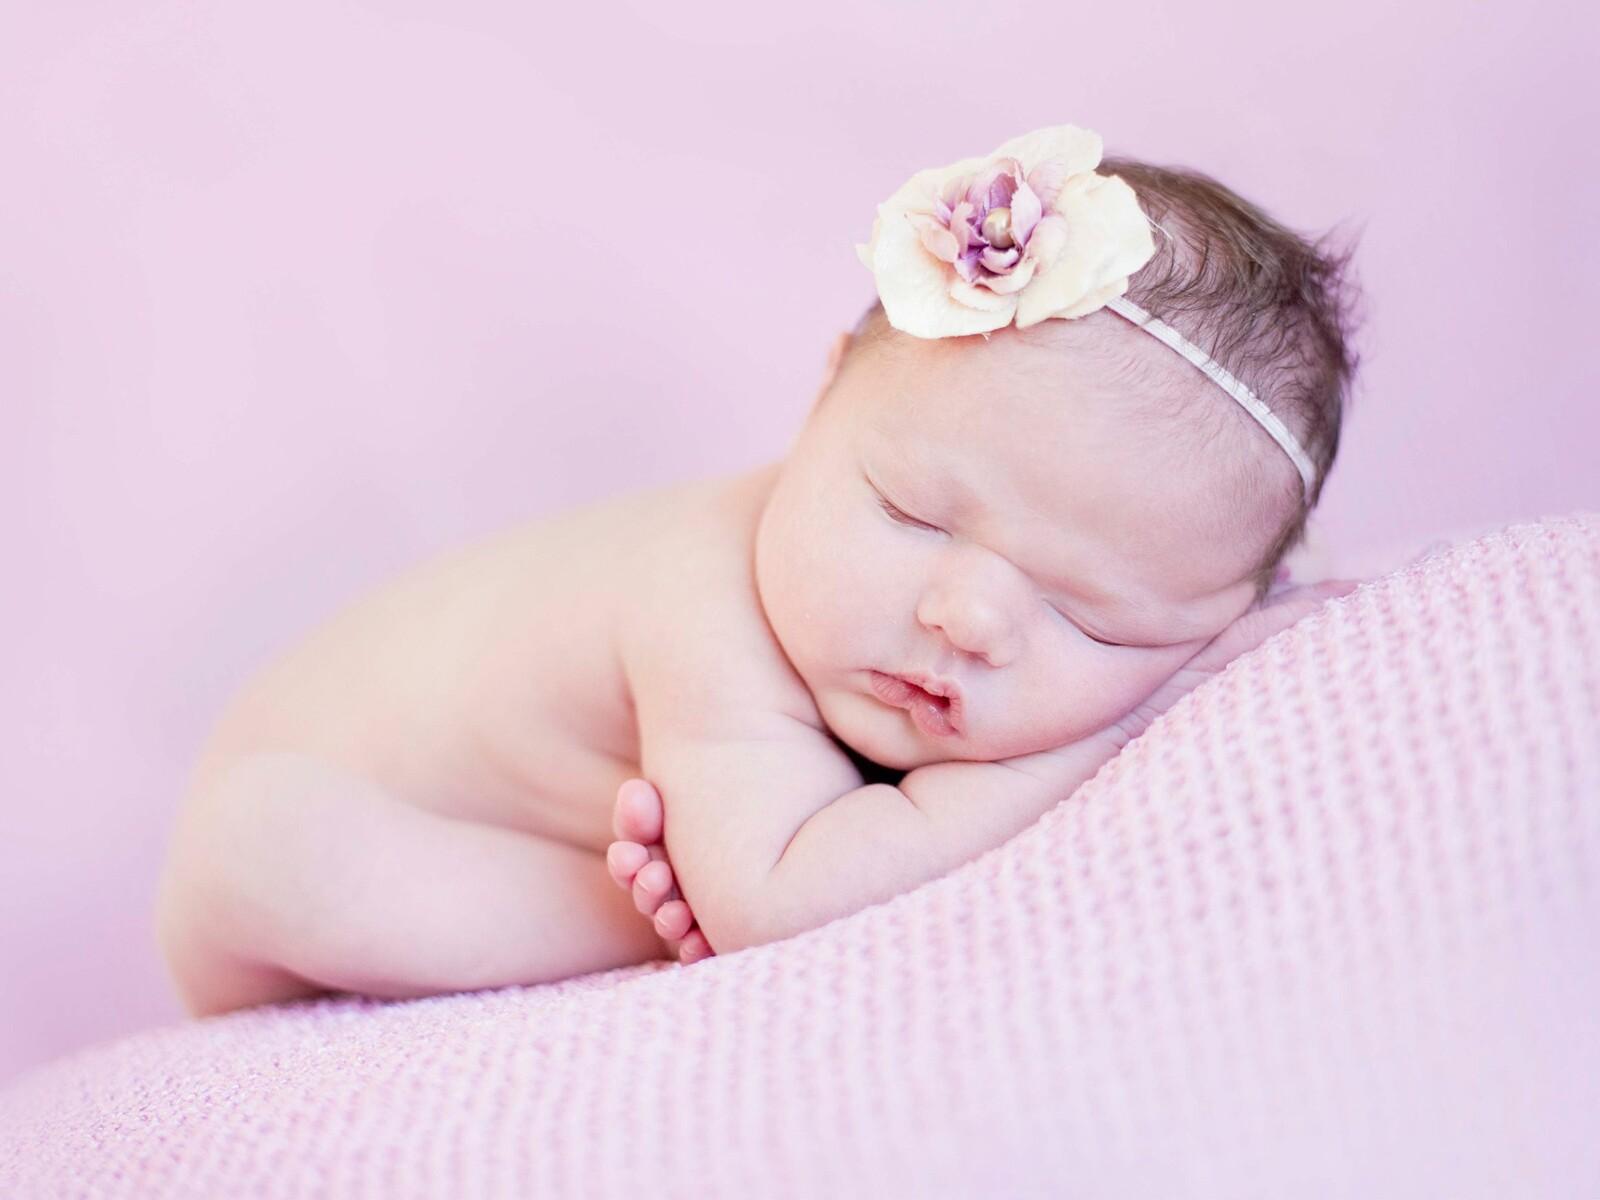 newborn-baby-cute.jpg